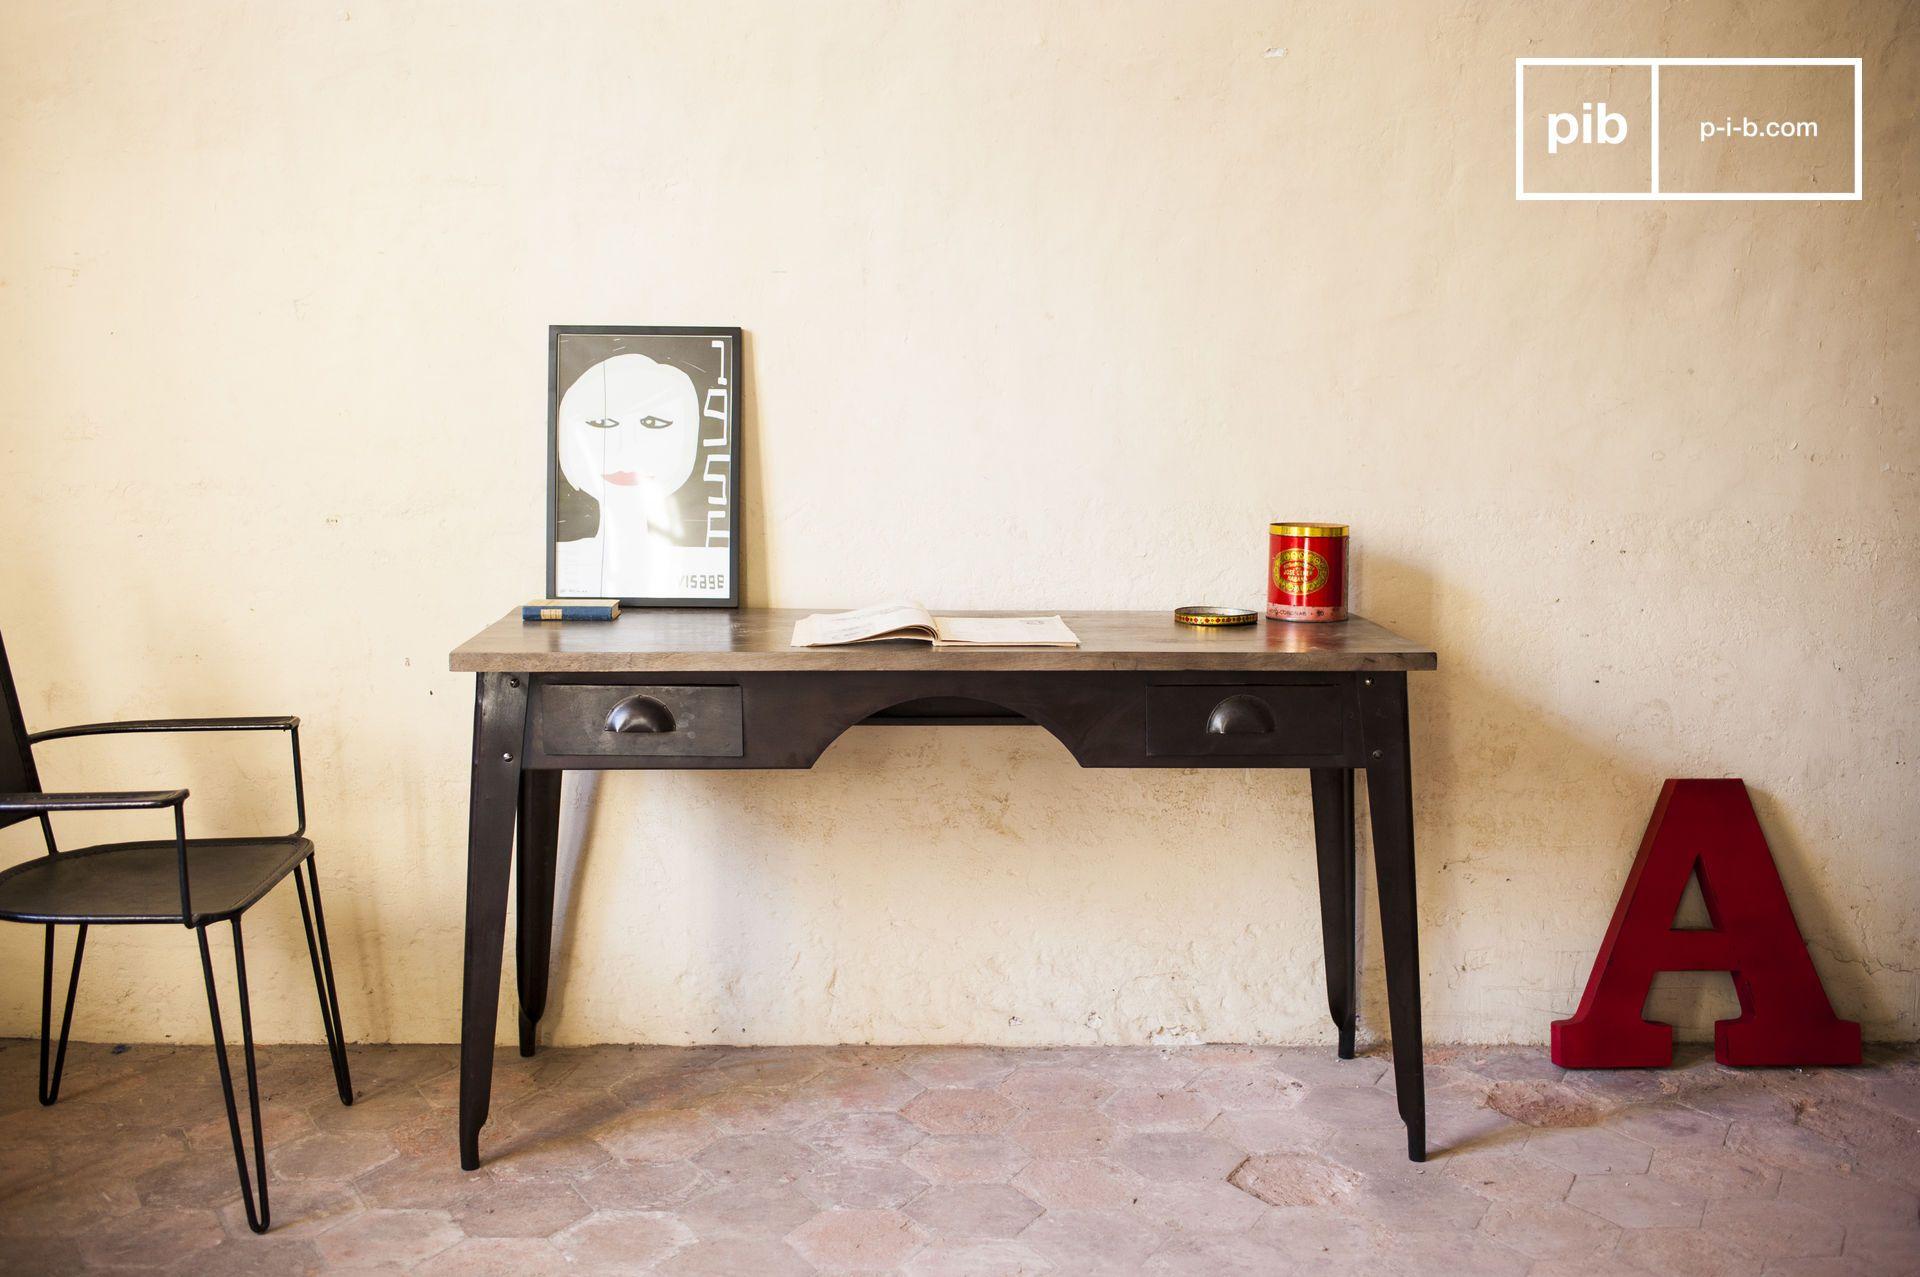 0dc1c4352a30245bd0164fd4bed35a9b Incroyable De Table Basse Anglais Conception